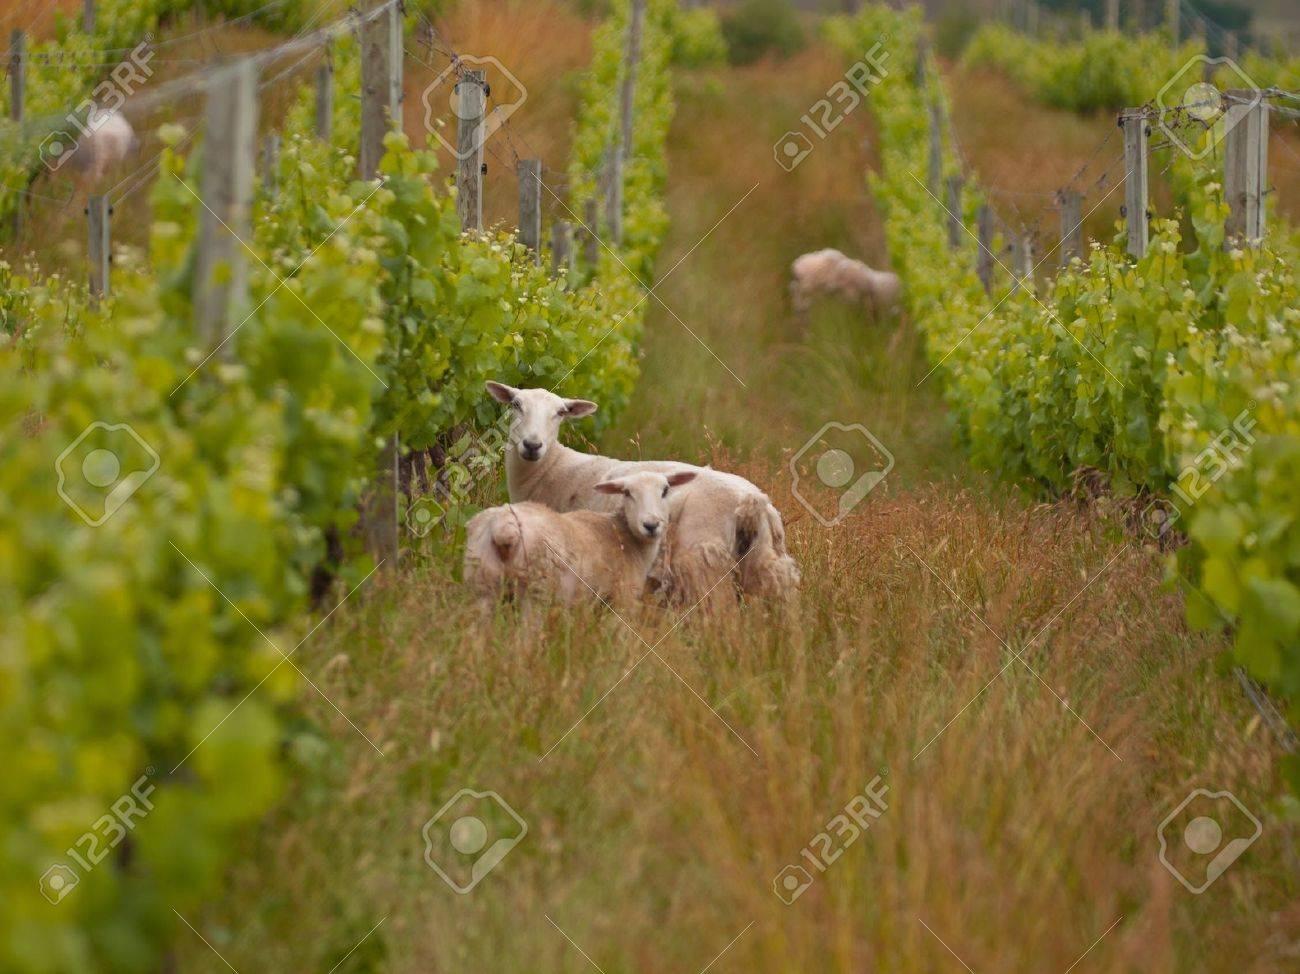 sheep are grazing in organic vineyard in marlborough wine region New Zealand Stock Photo - 10834482